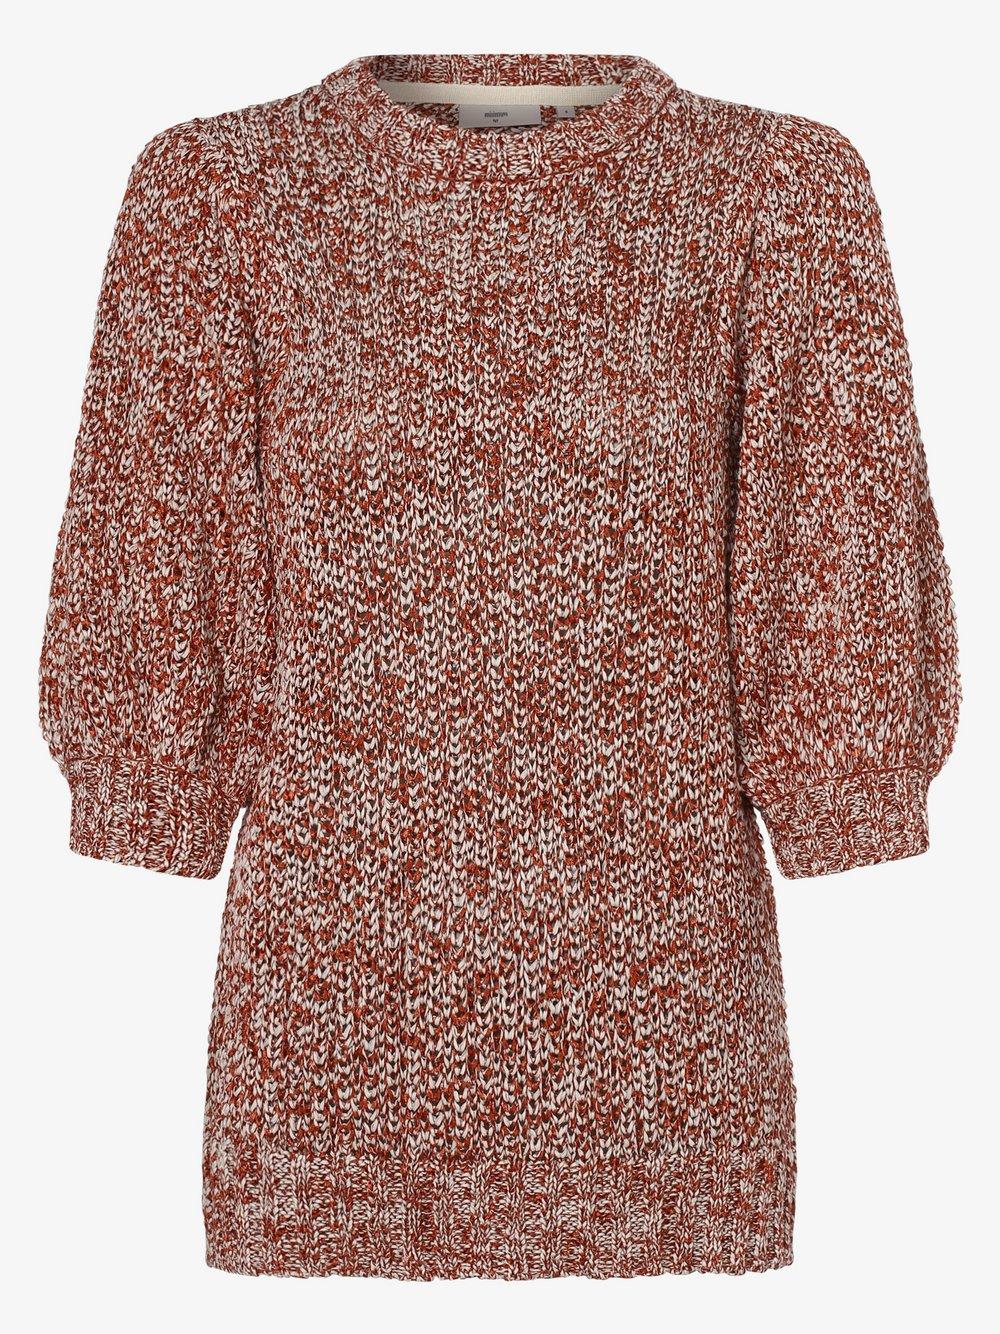 Minimum – Sweter damski – Vittoria, pomarańczowy Van Graaf 473320-0001